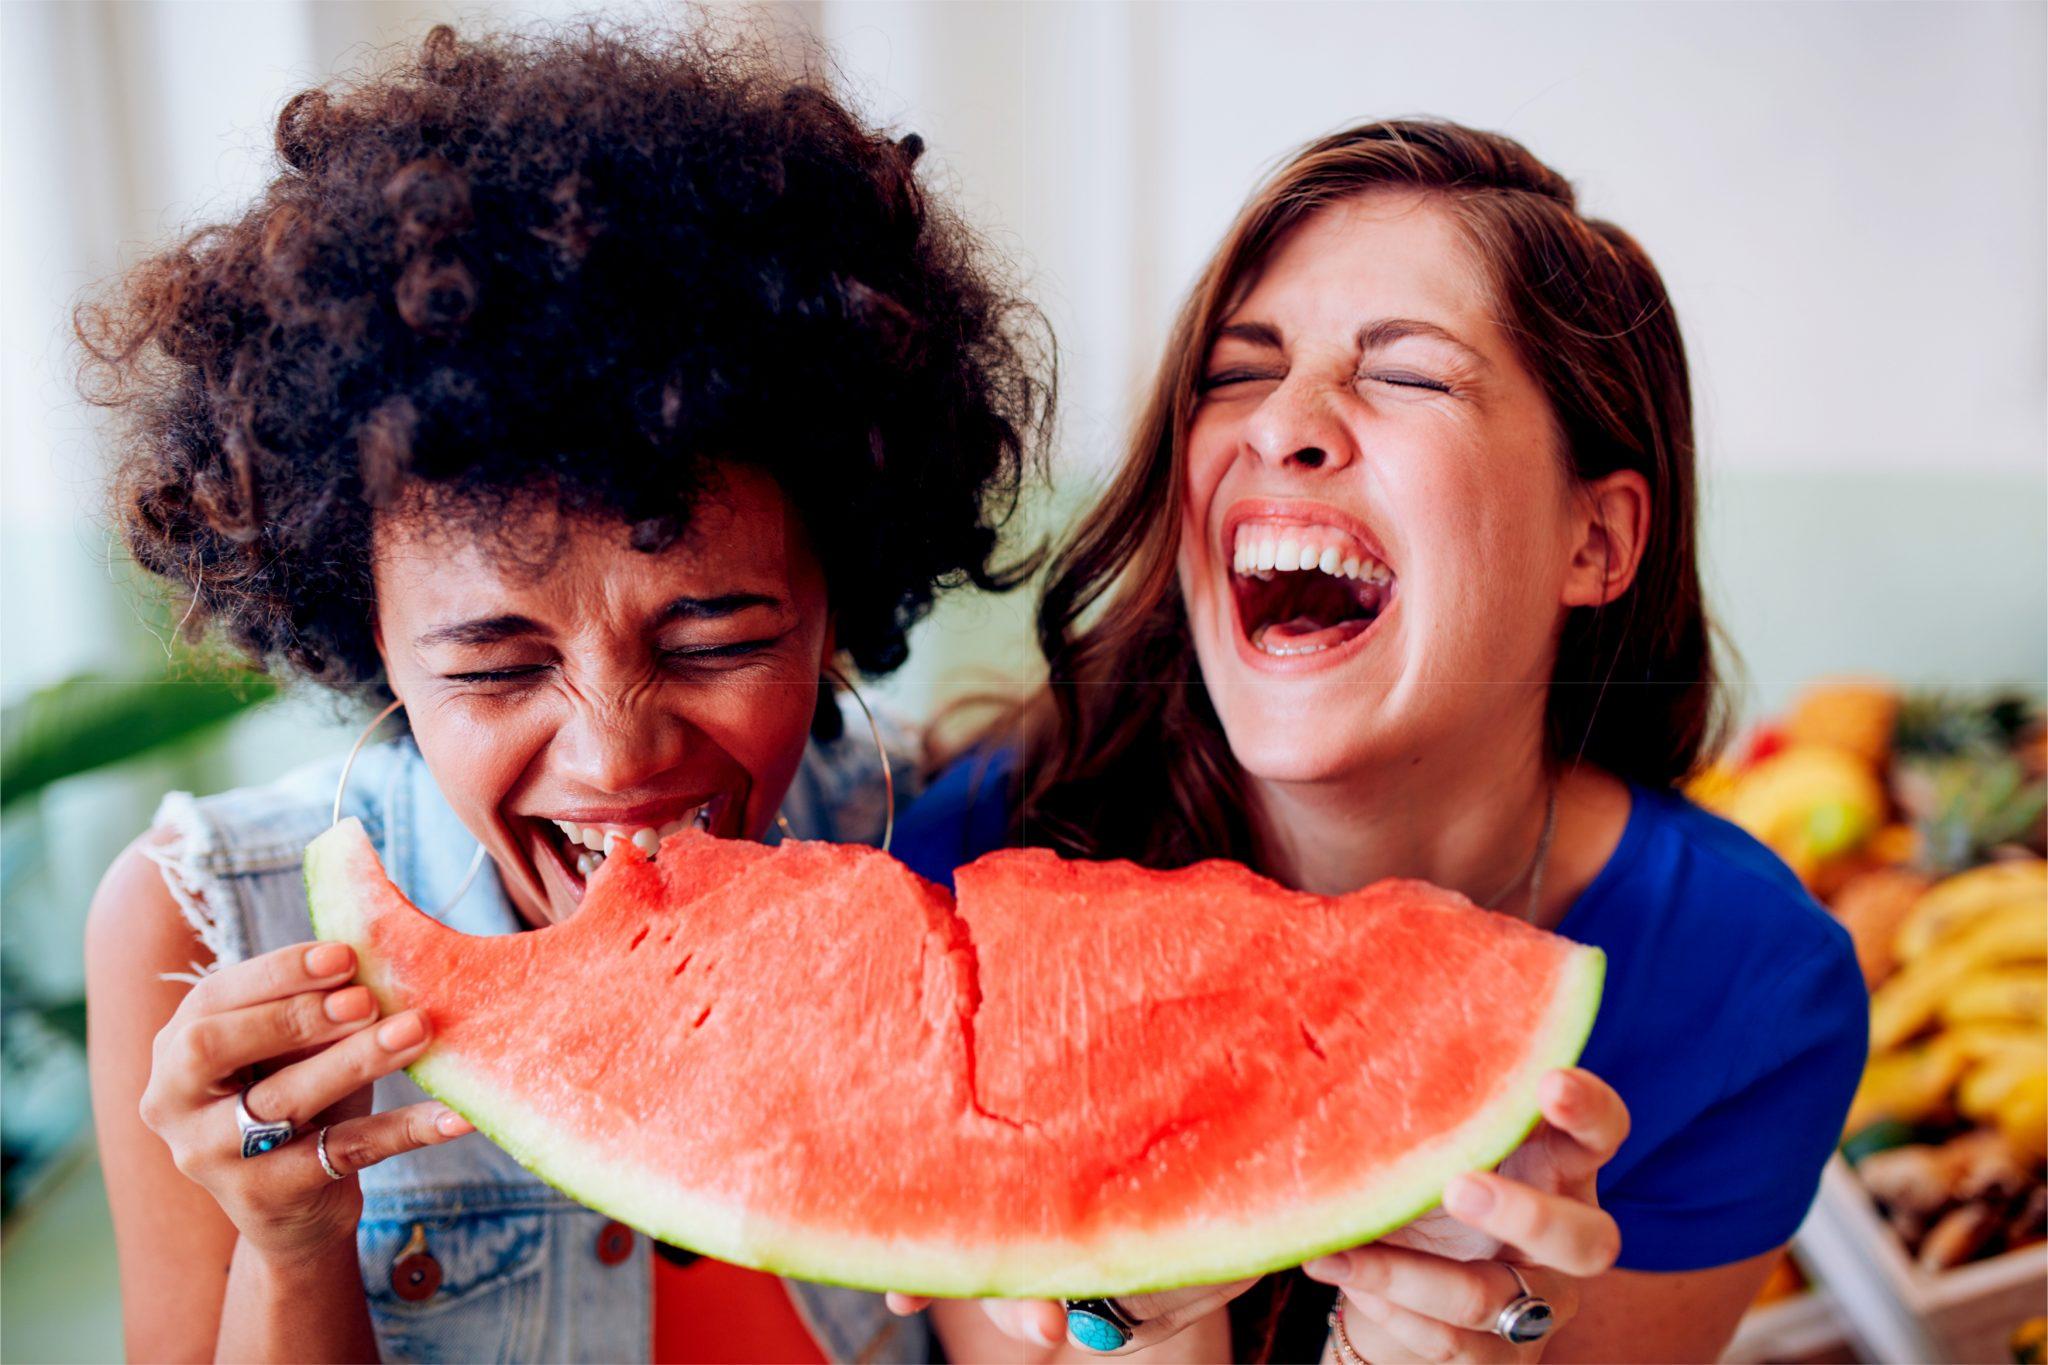 大きスイカを女性二人が一緒に食べている